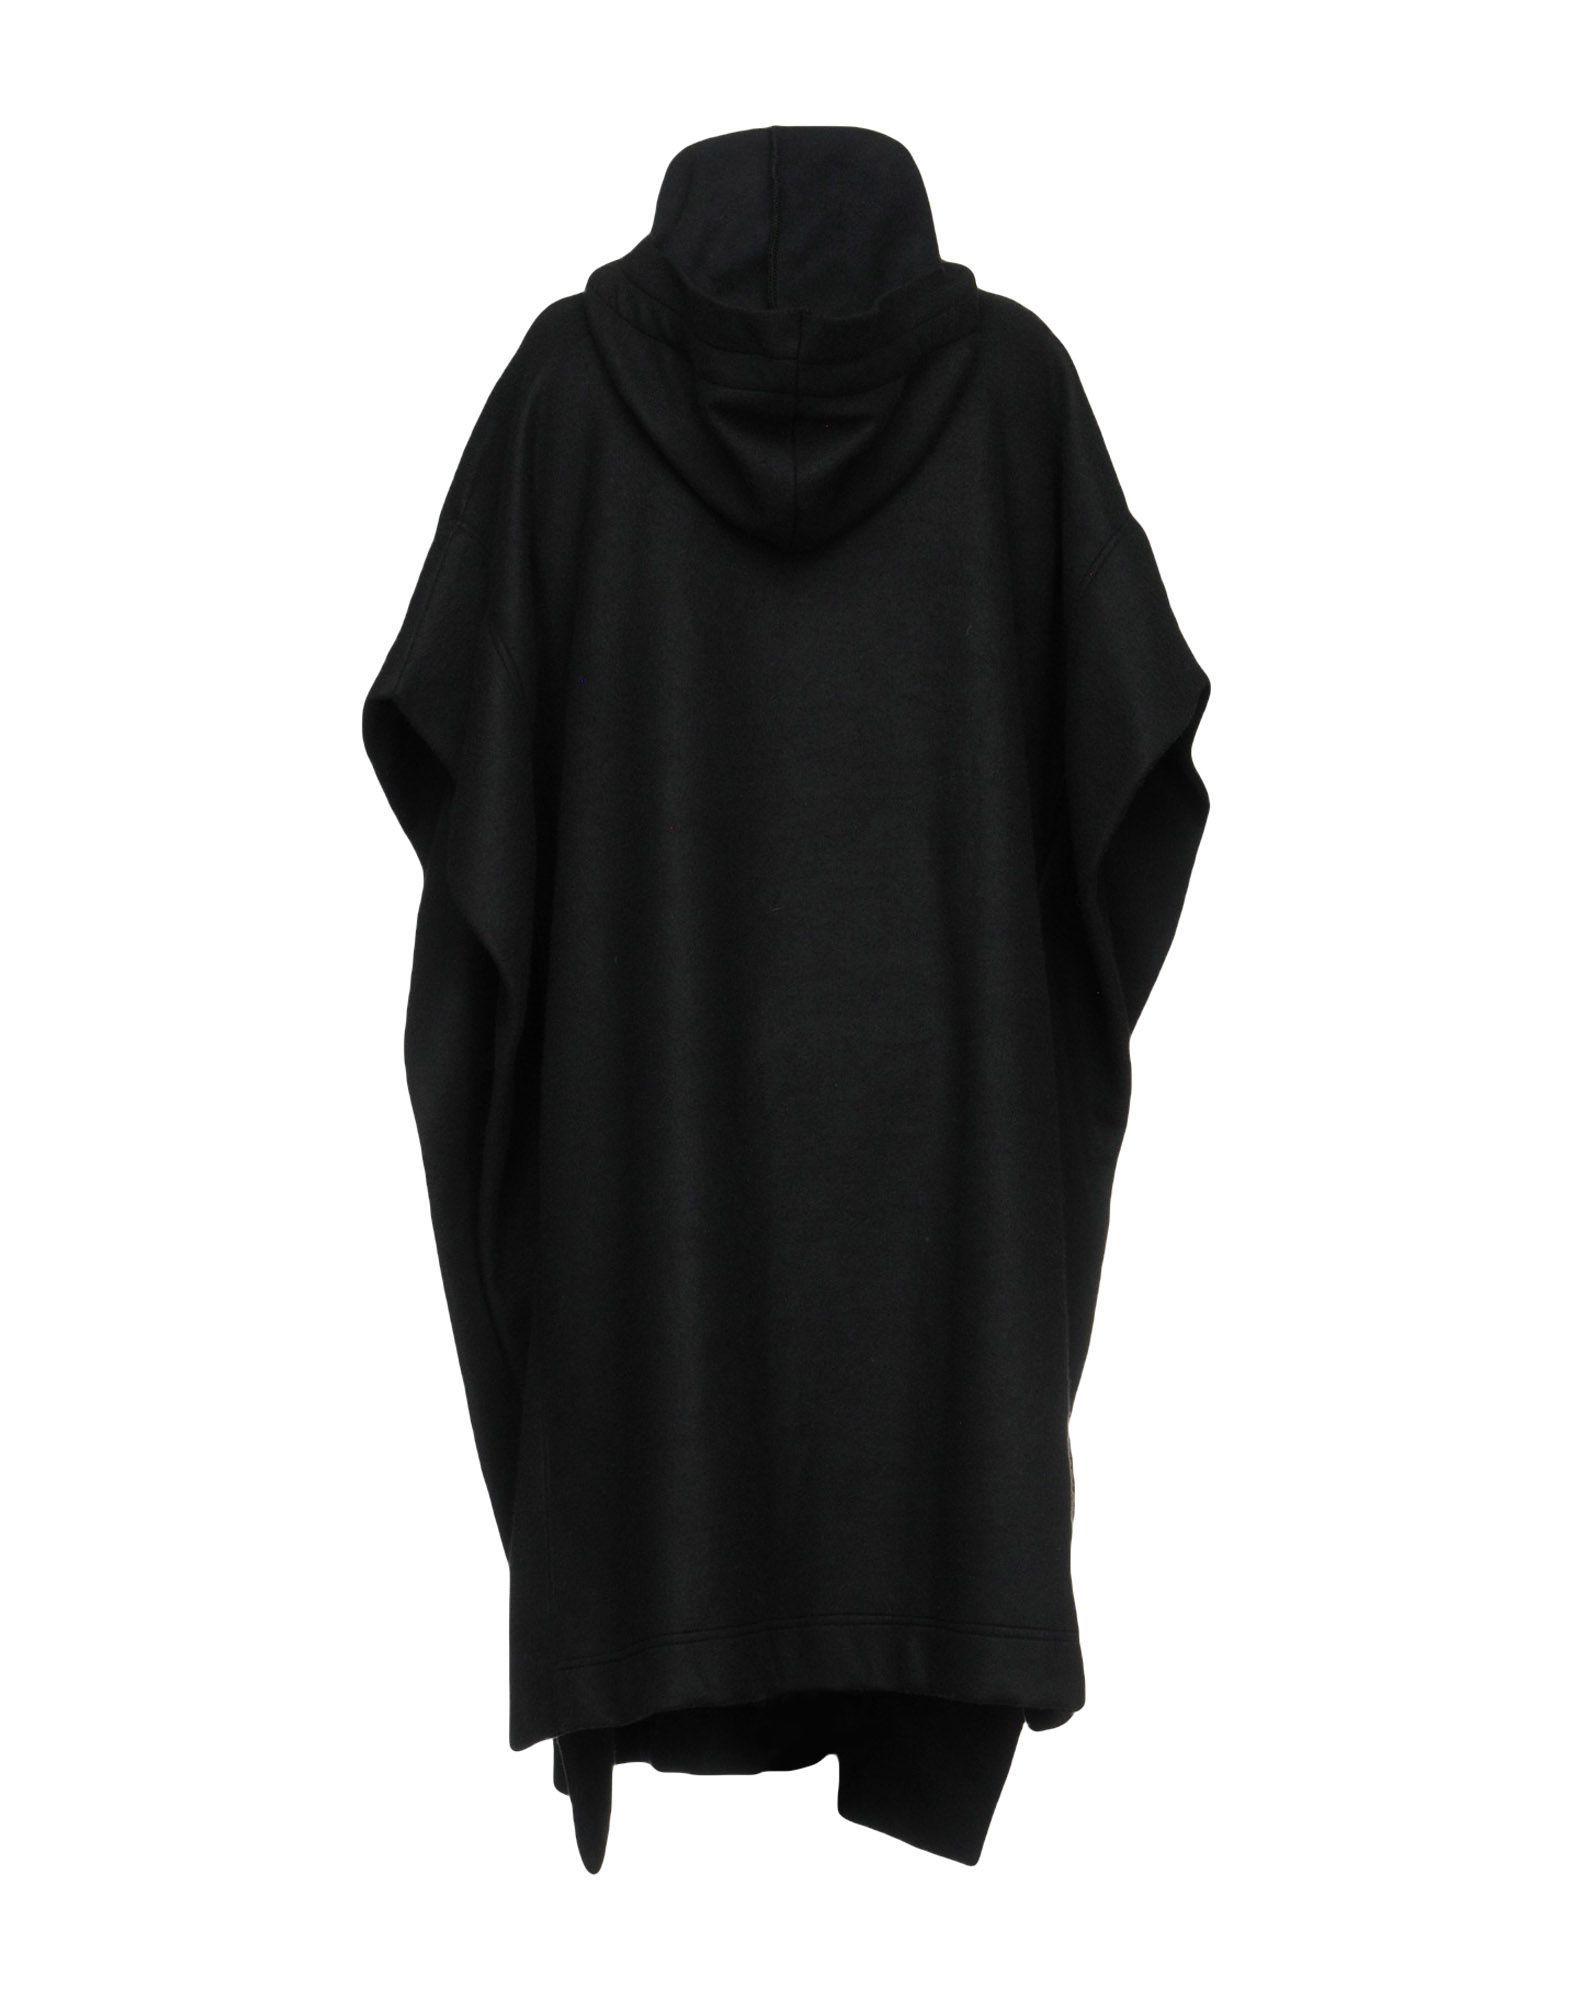 X Concept Black Cotton Cape